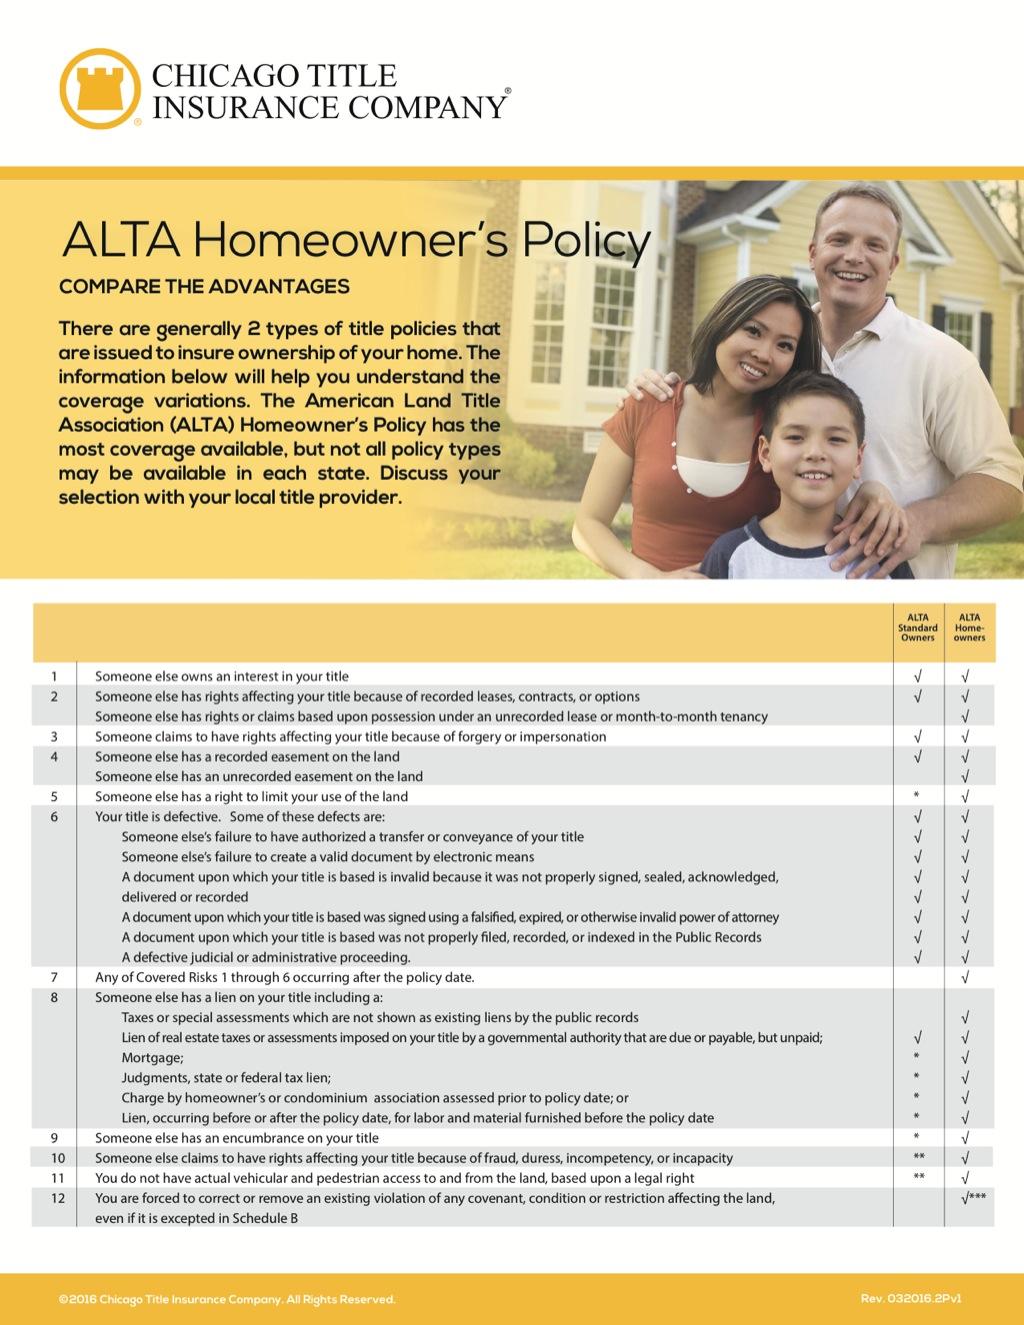 Corefact ALTA 2-Policy v1 compare - CTIC